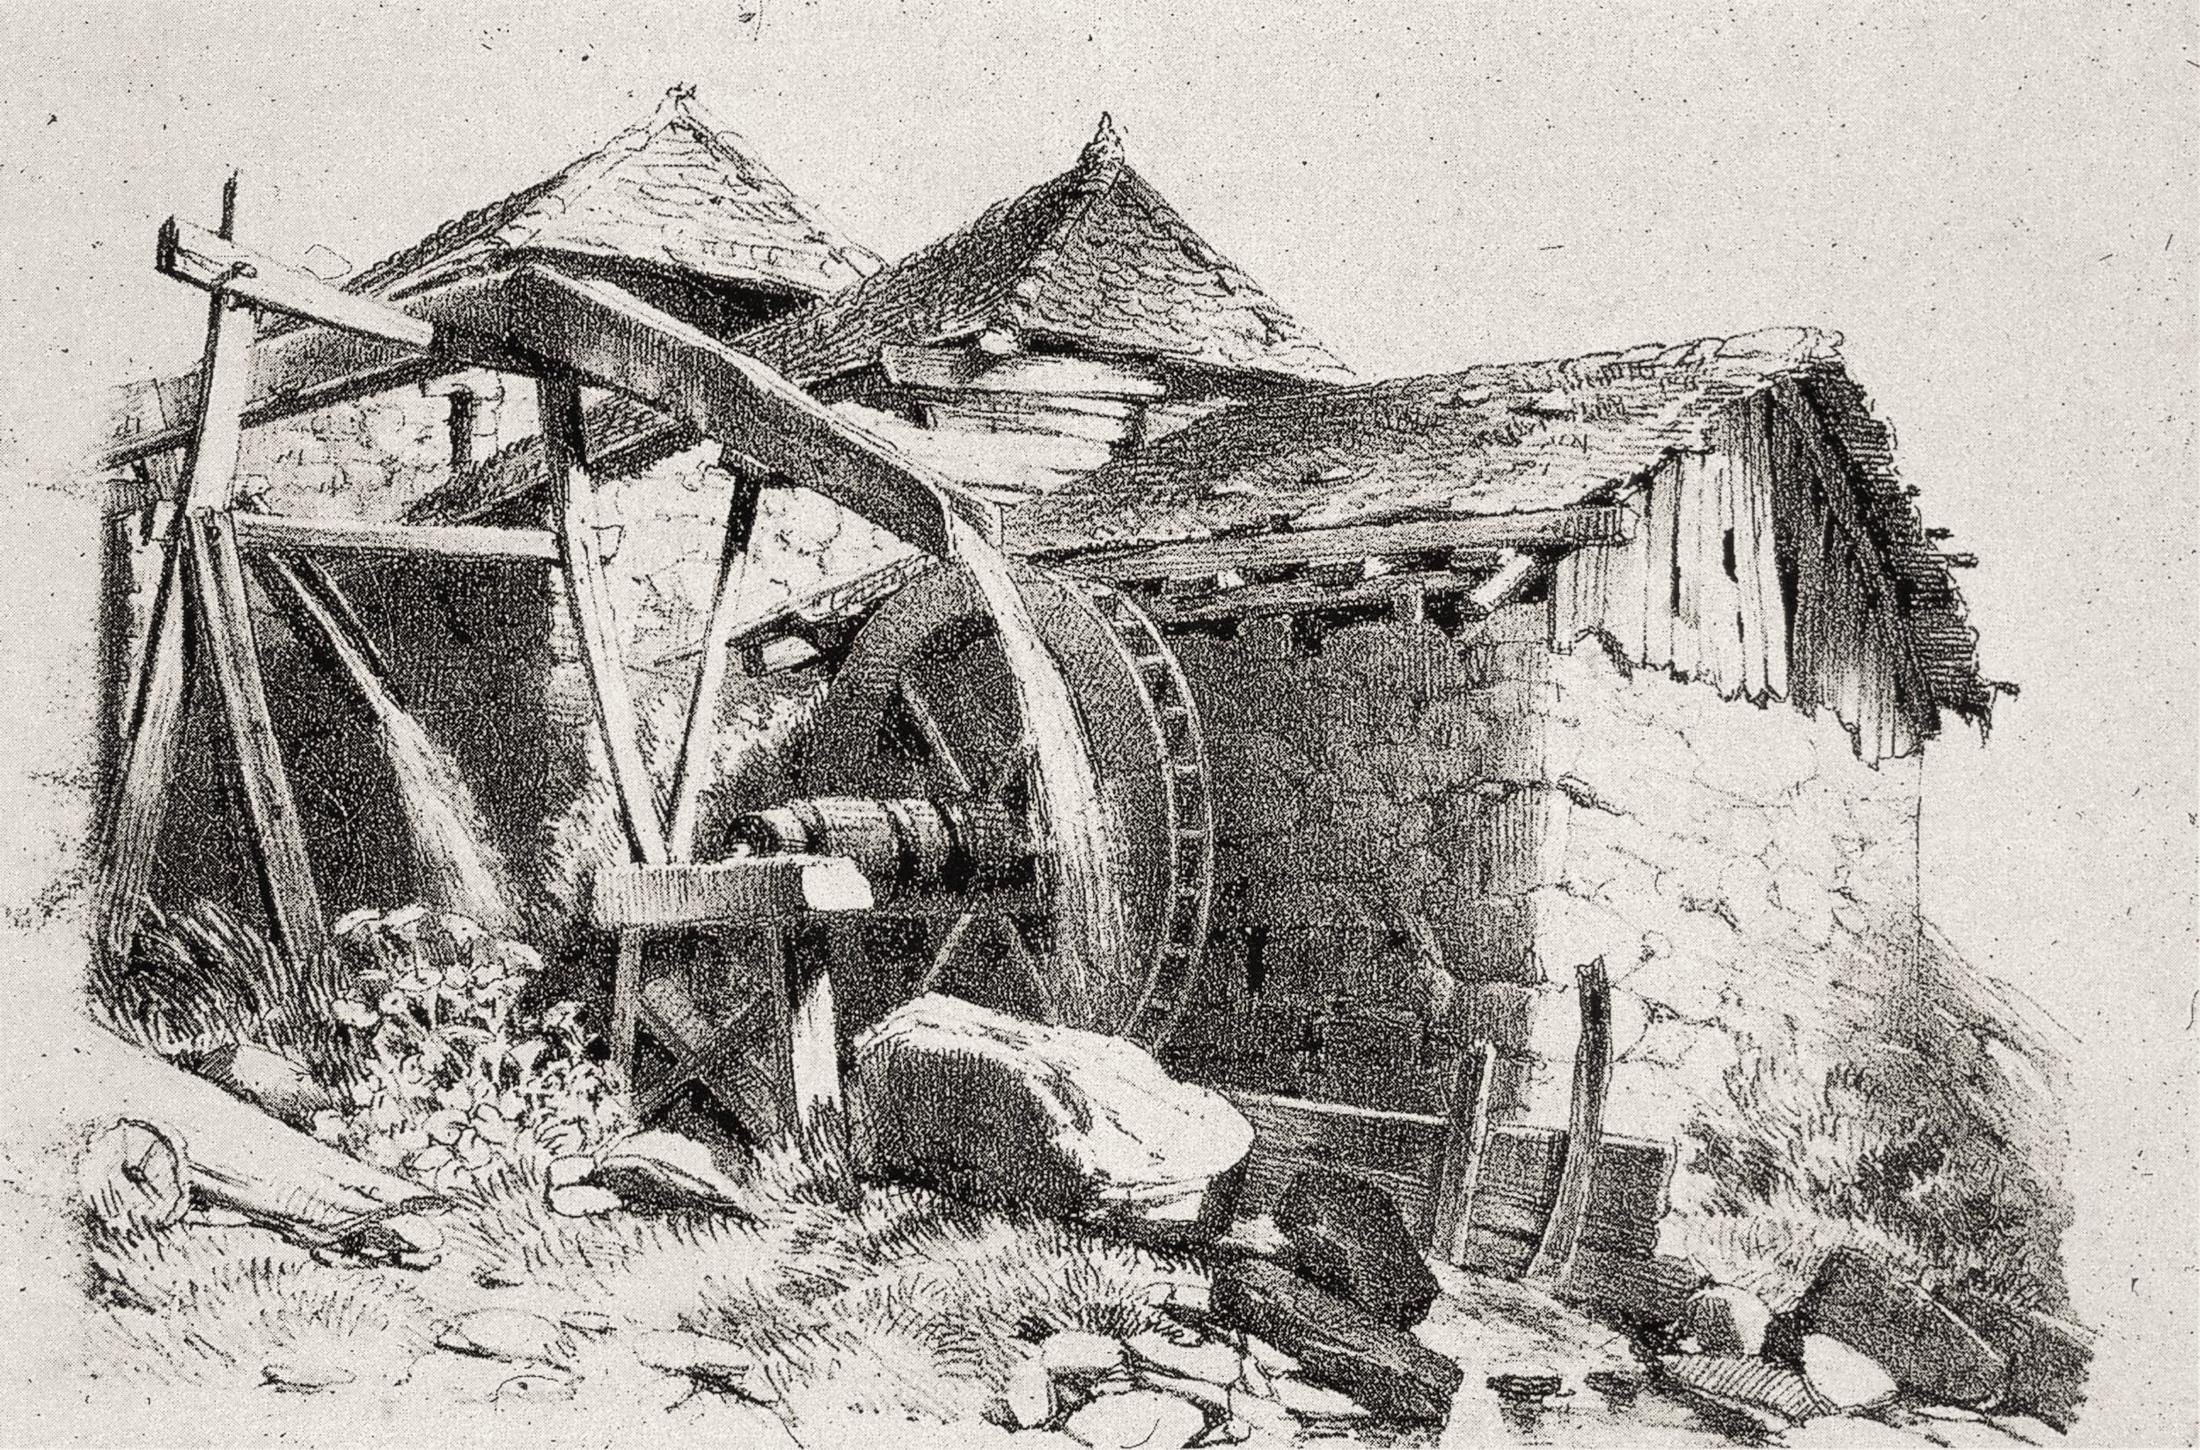 Doccia e ruota a coppedello, incisione del secolo XIX.